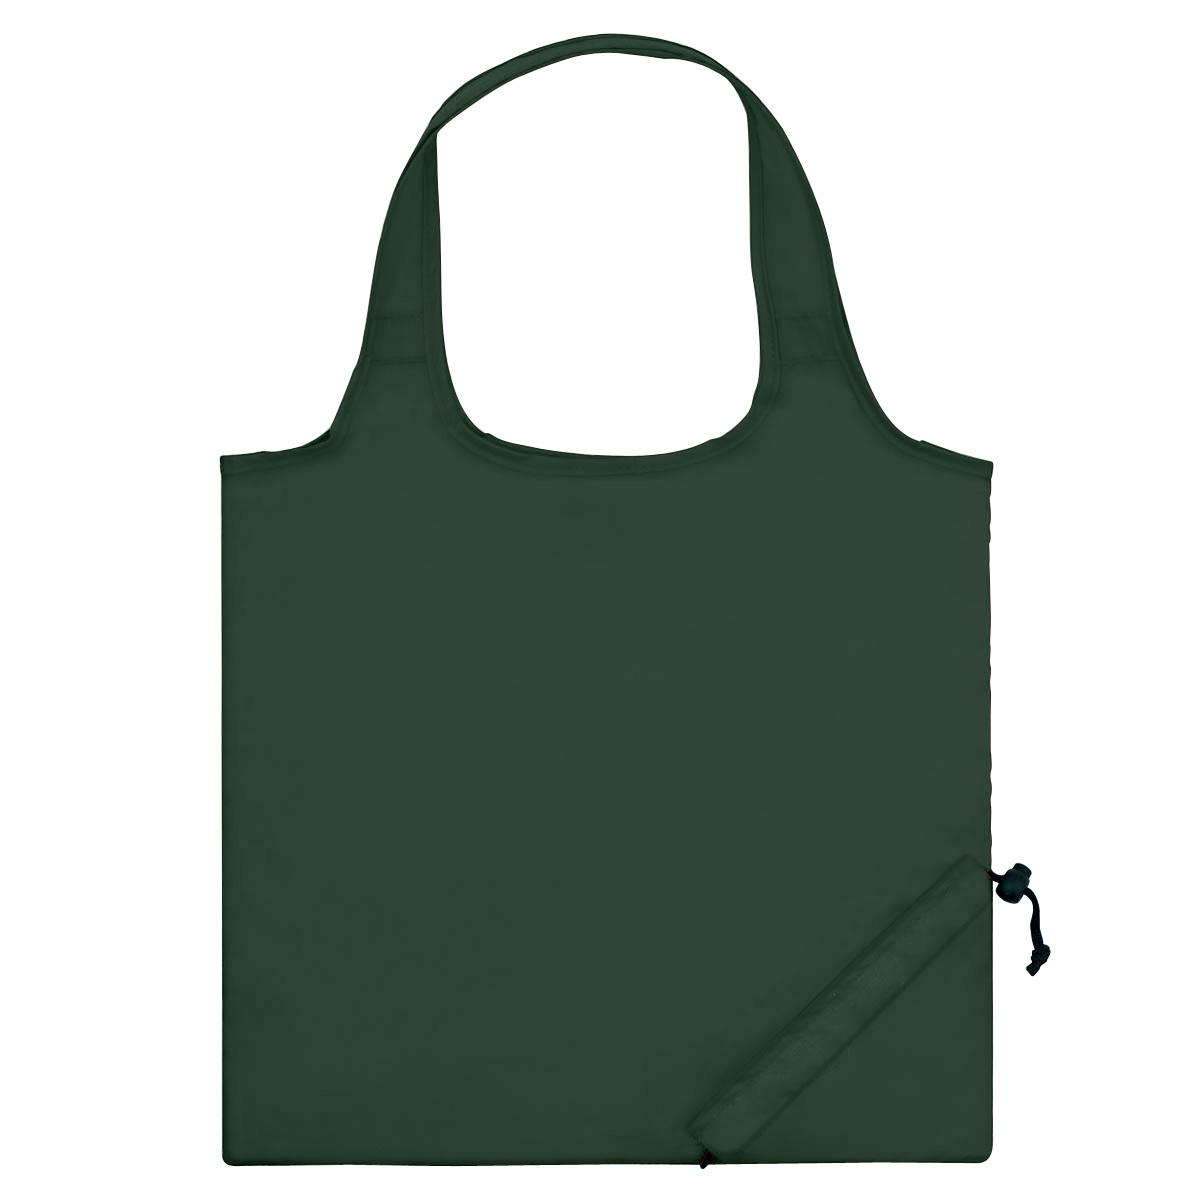 Printed Foldaway Tote Bag